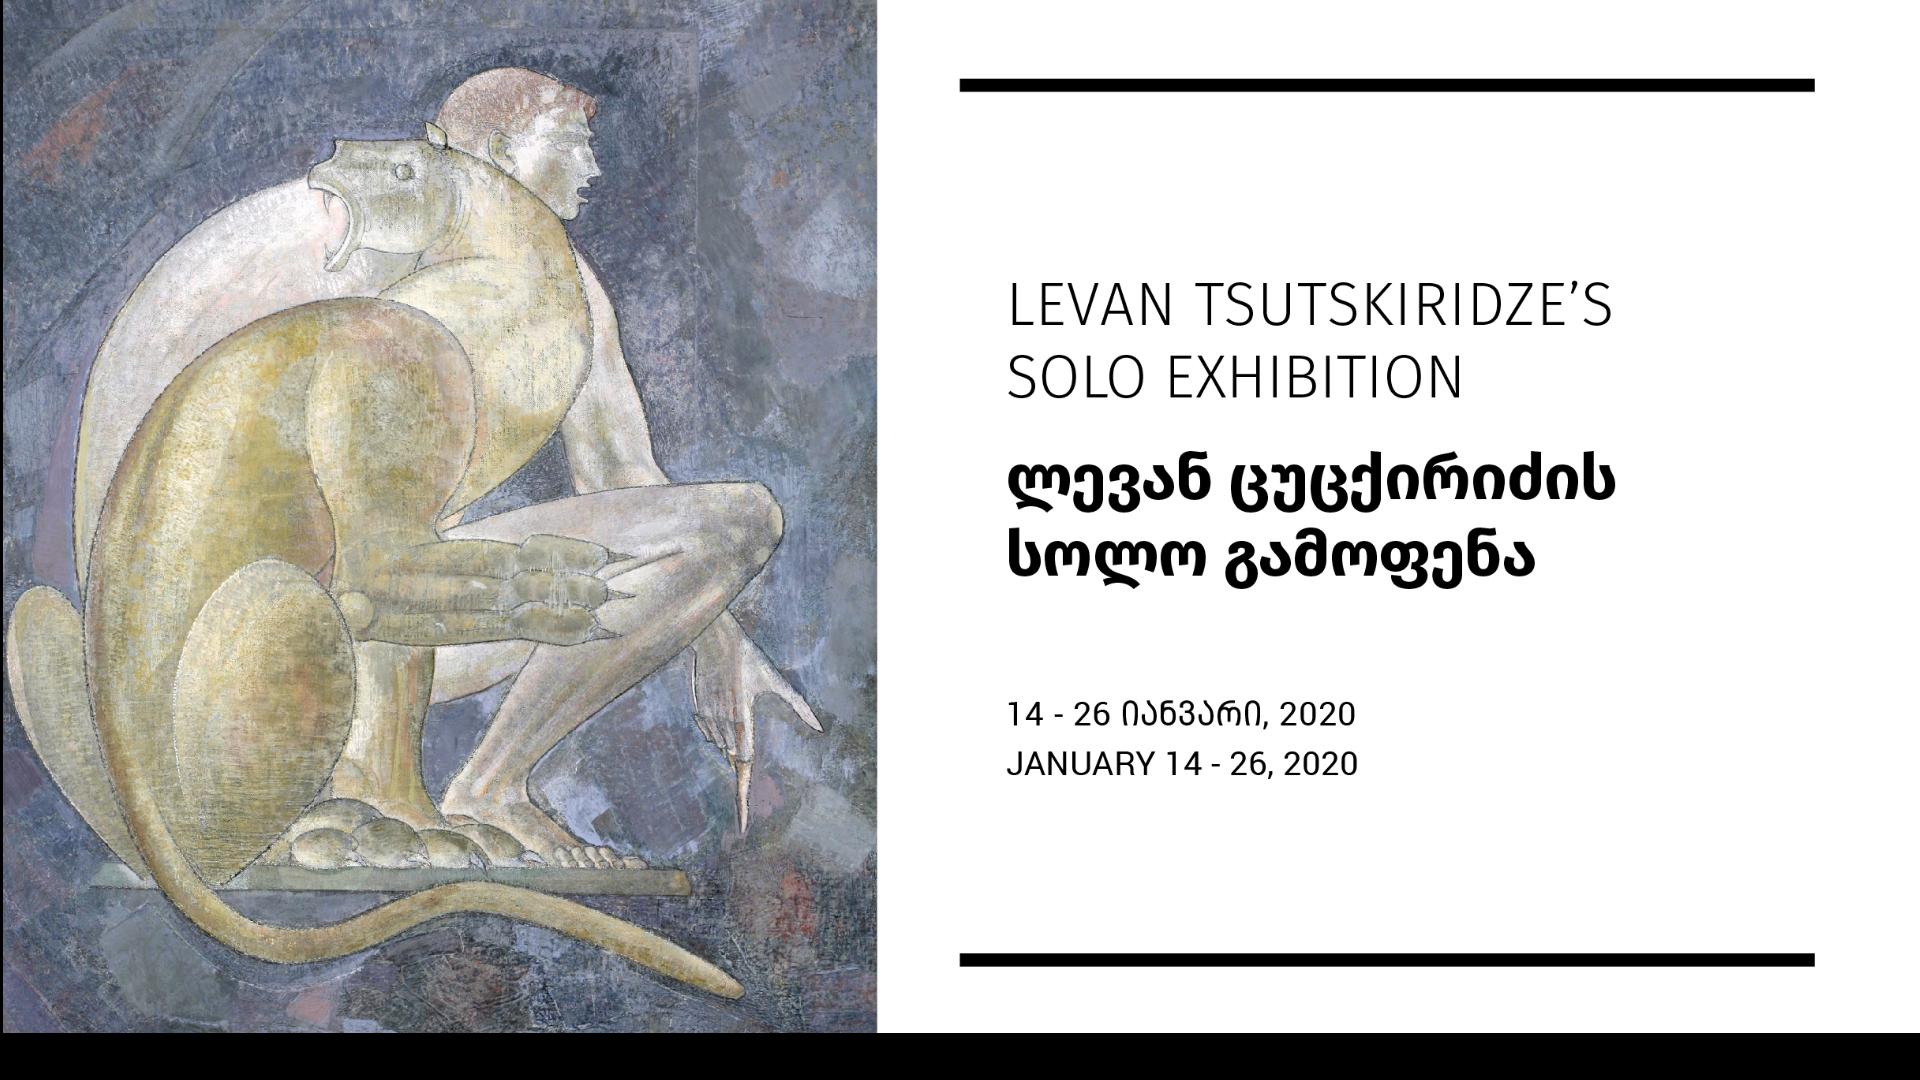 Levan Tsutskiridze's Solo Exhibition